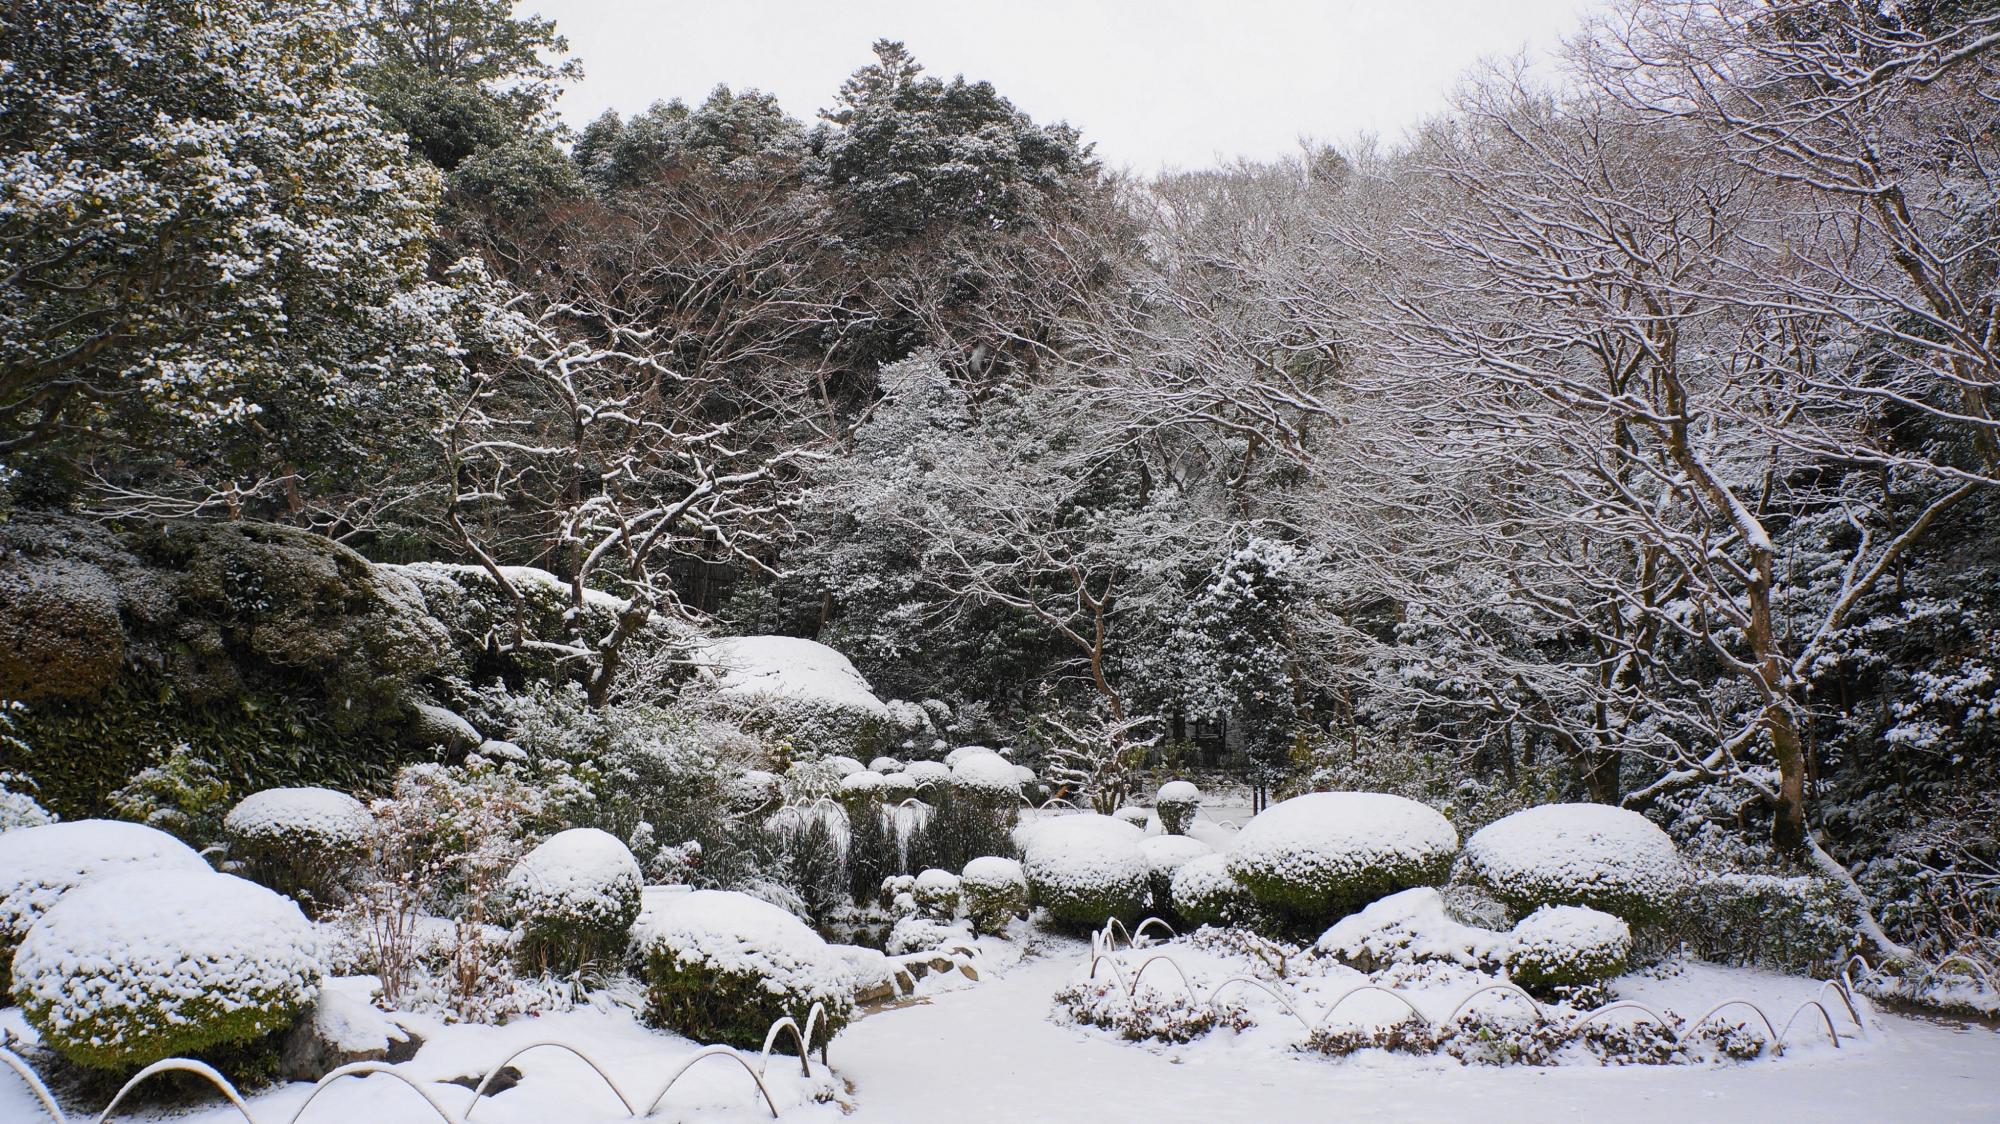 華やかな雪の花が咲く詩仙堂